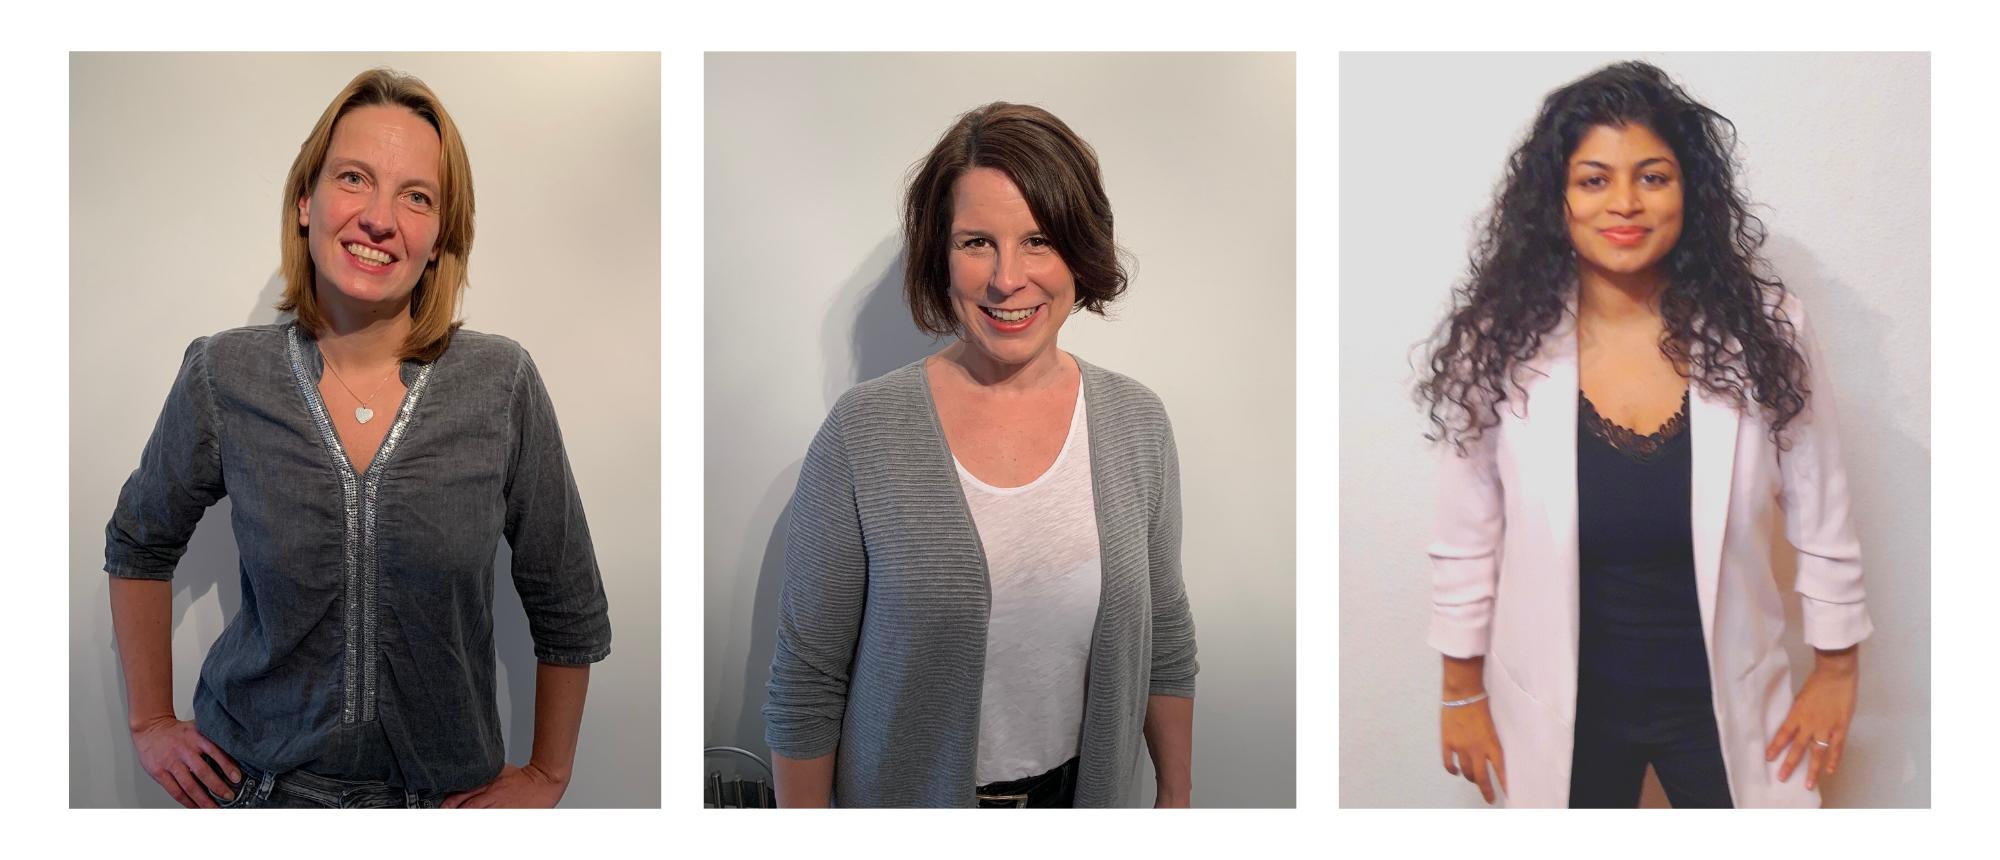 Frau Wertvoll – Durch das Journalismus Lab zu einer Plattform mit weiblichen Role-Models